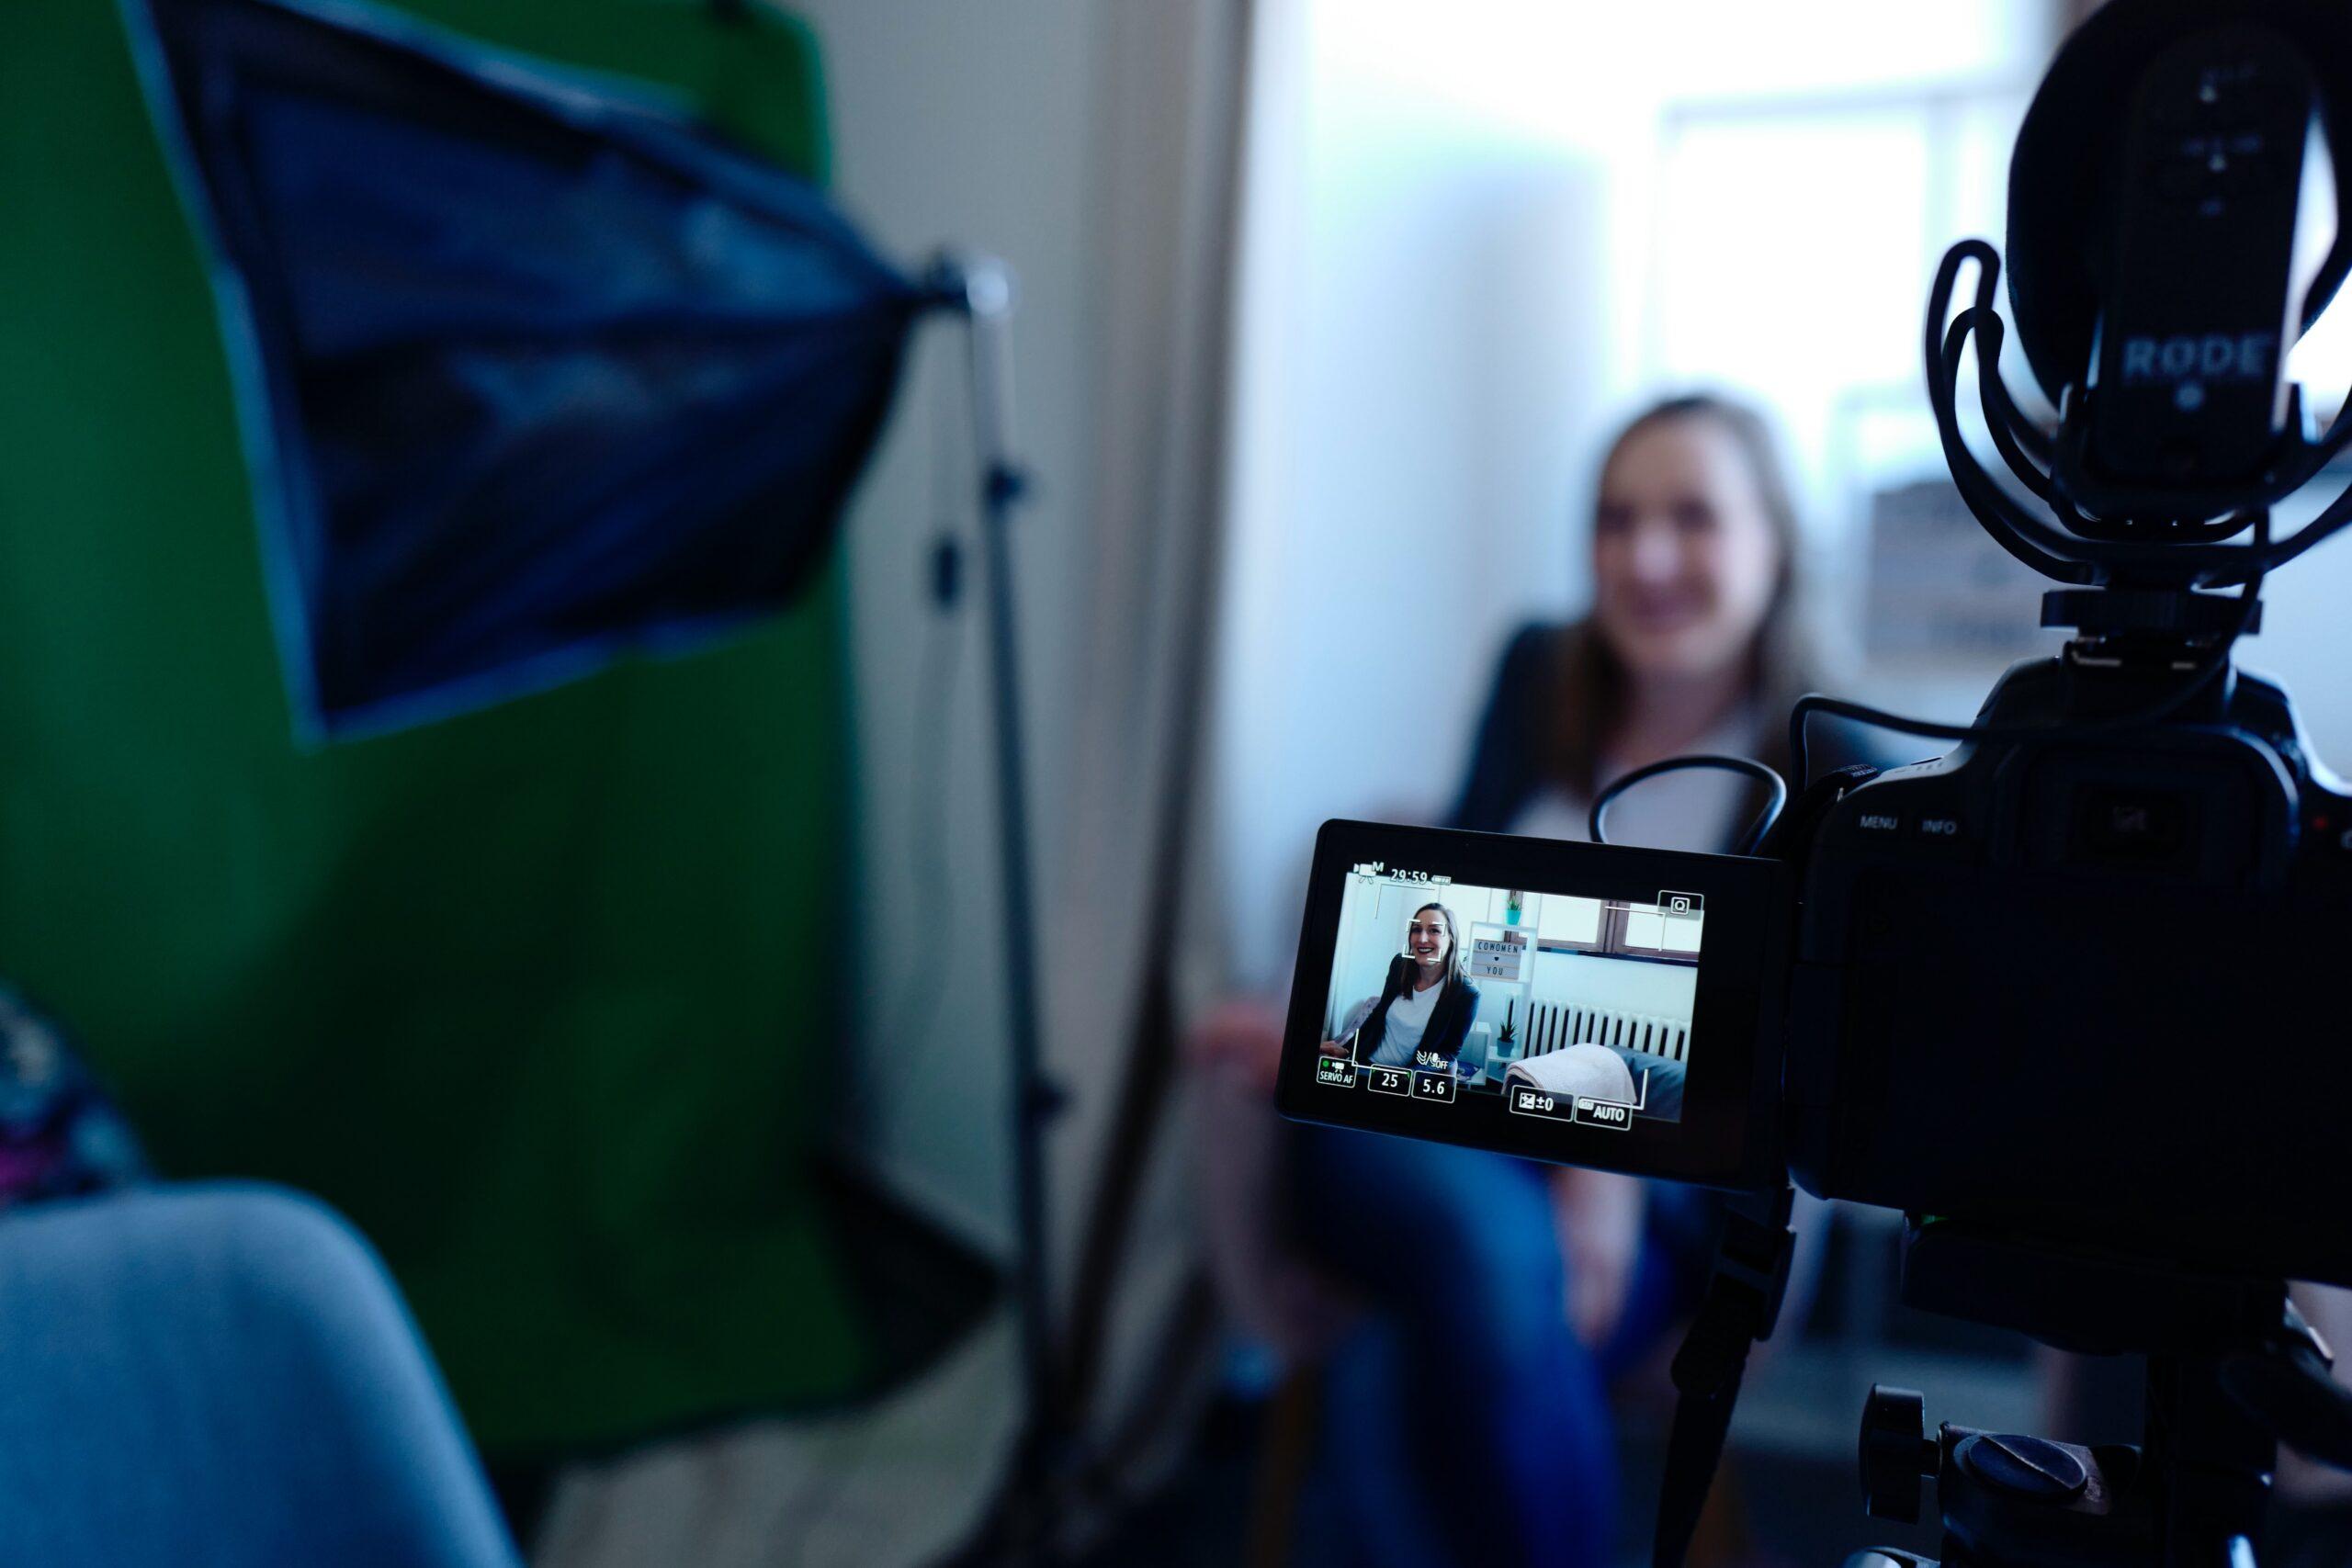 魅力的なインタビュー動画を制作するためのポイント